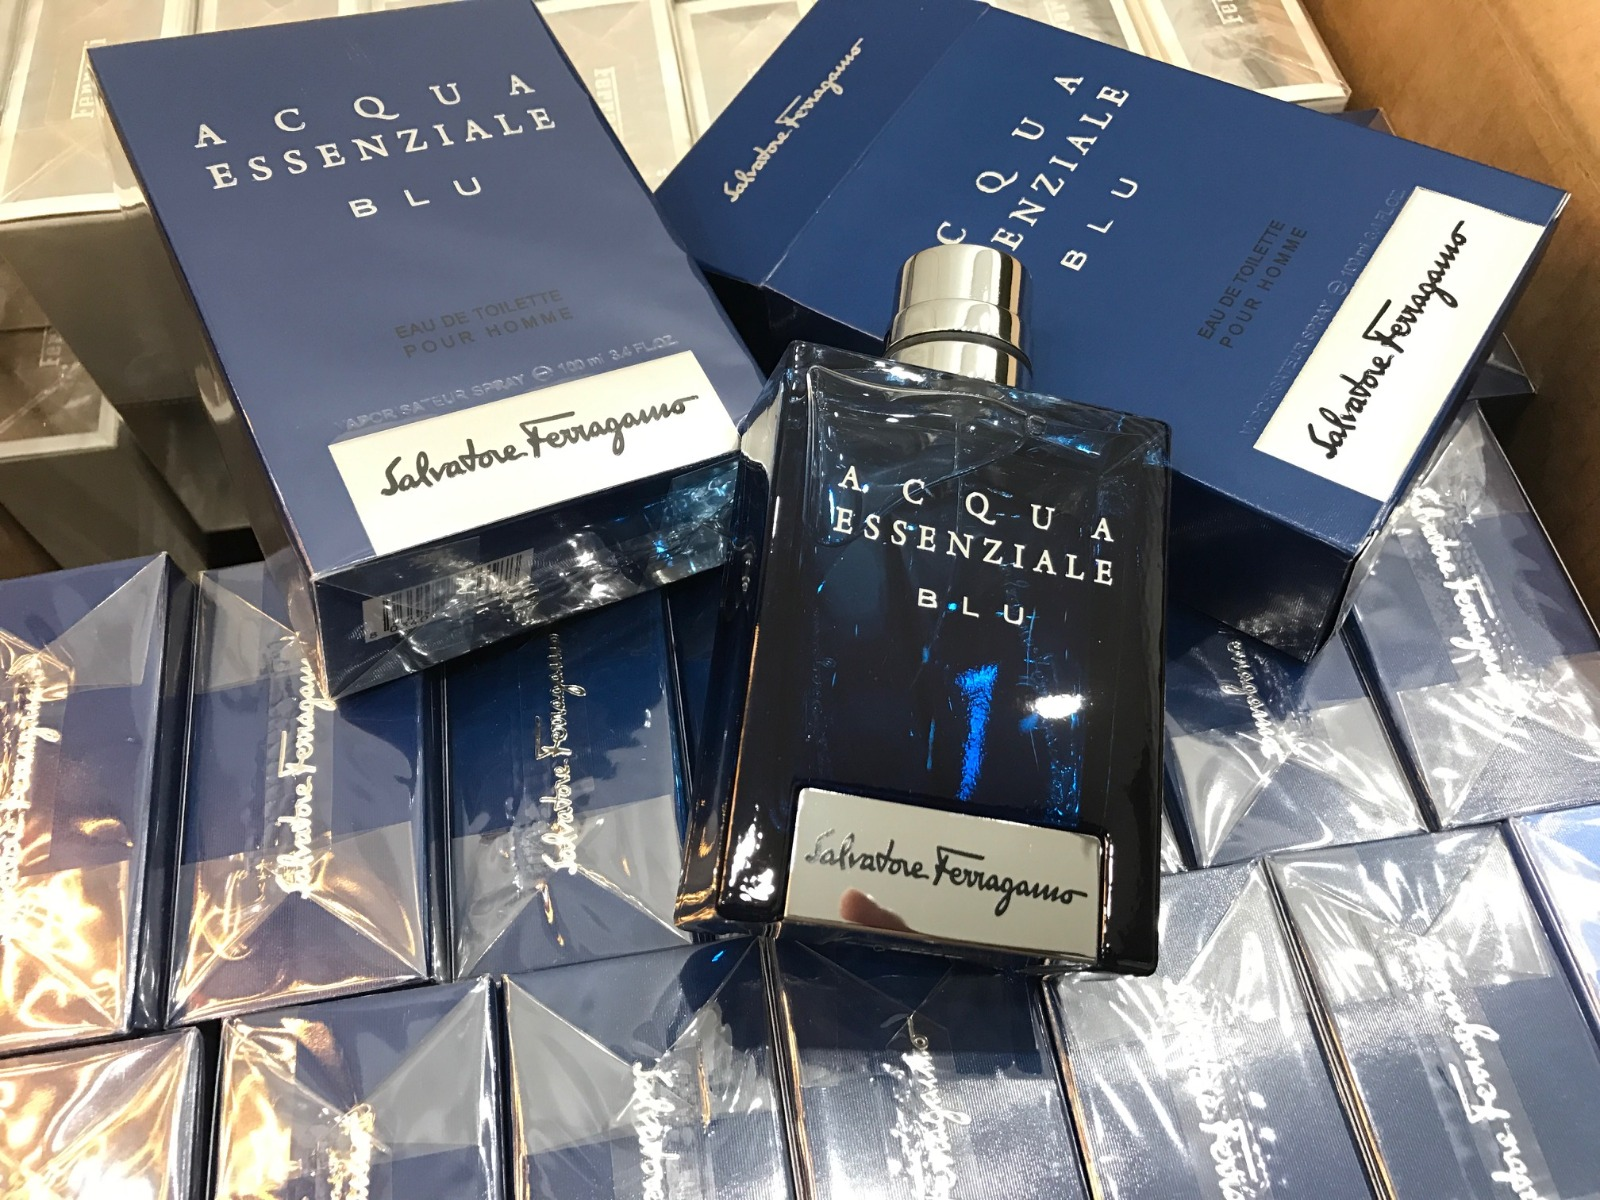 Nước Hoa Nam Salvatore Ferragamo Acqua Essenziale Blu EDT Acqua Essenziale Blu Eau de Toilette Spray 100ml được ưa chuộng